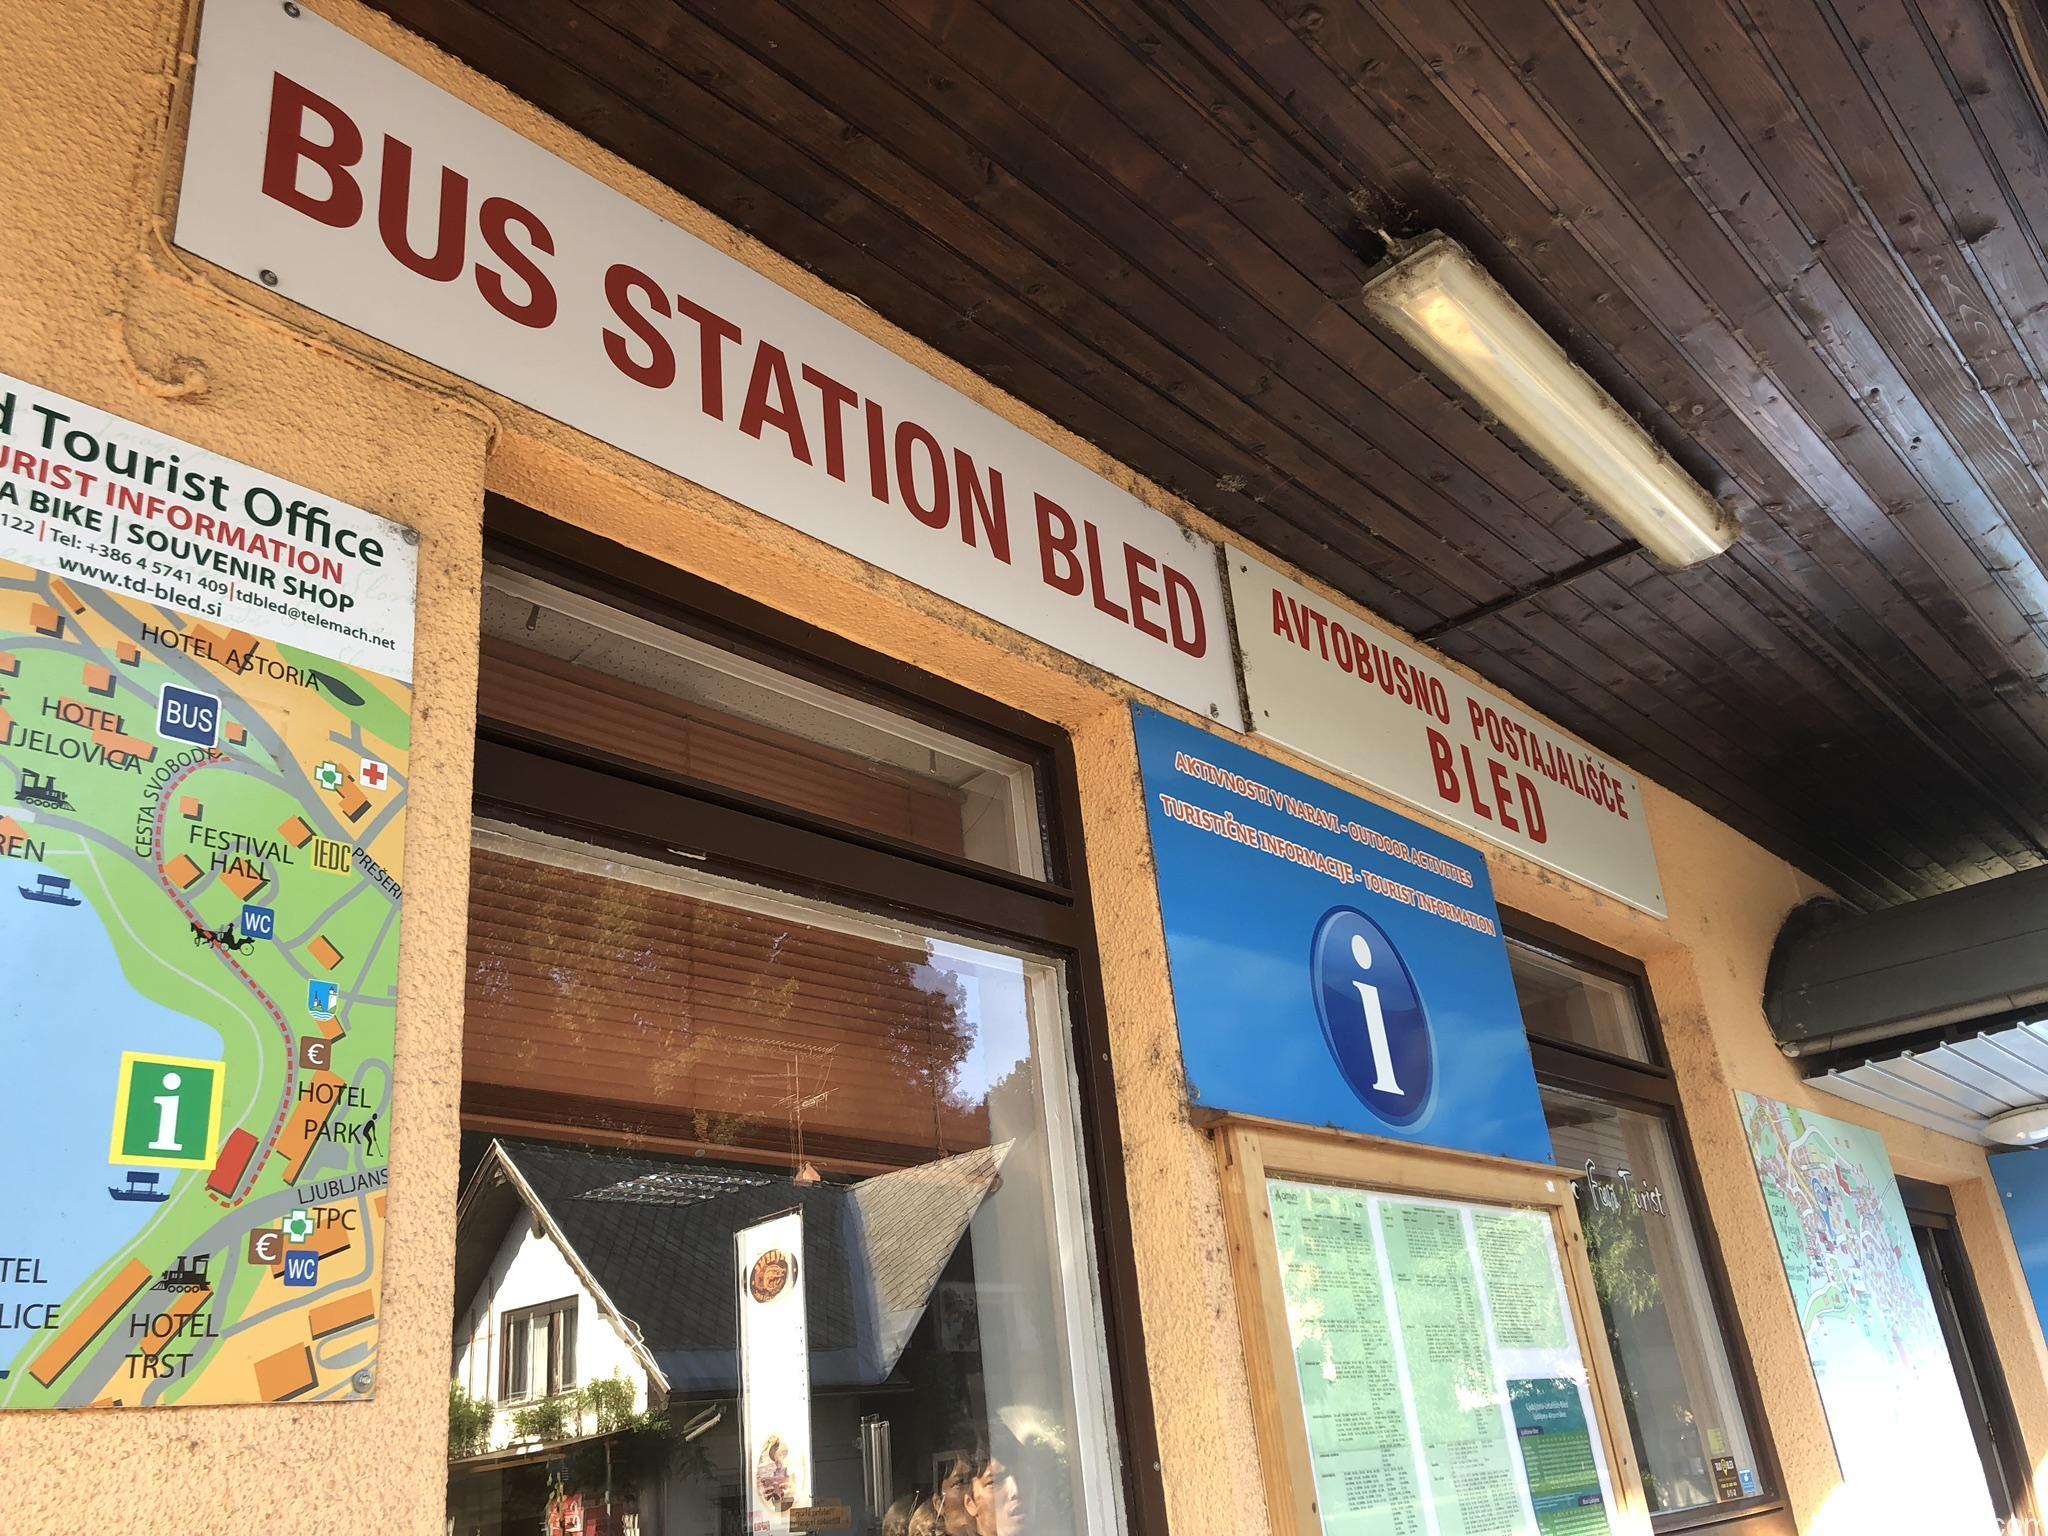 ブレッド|バスステーション